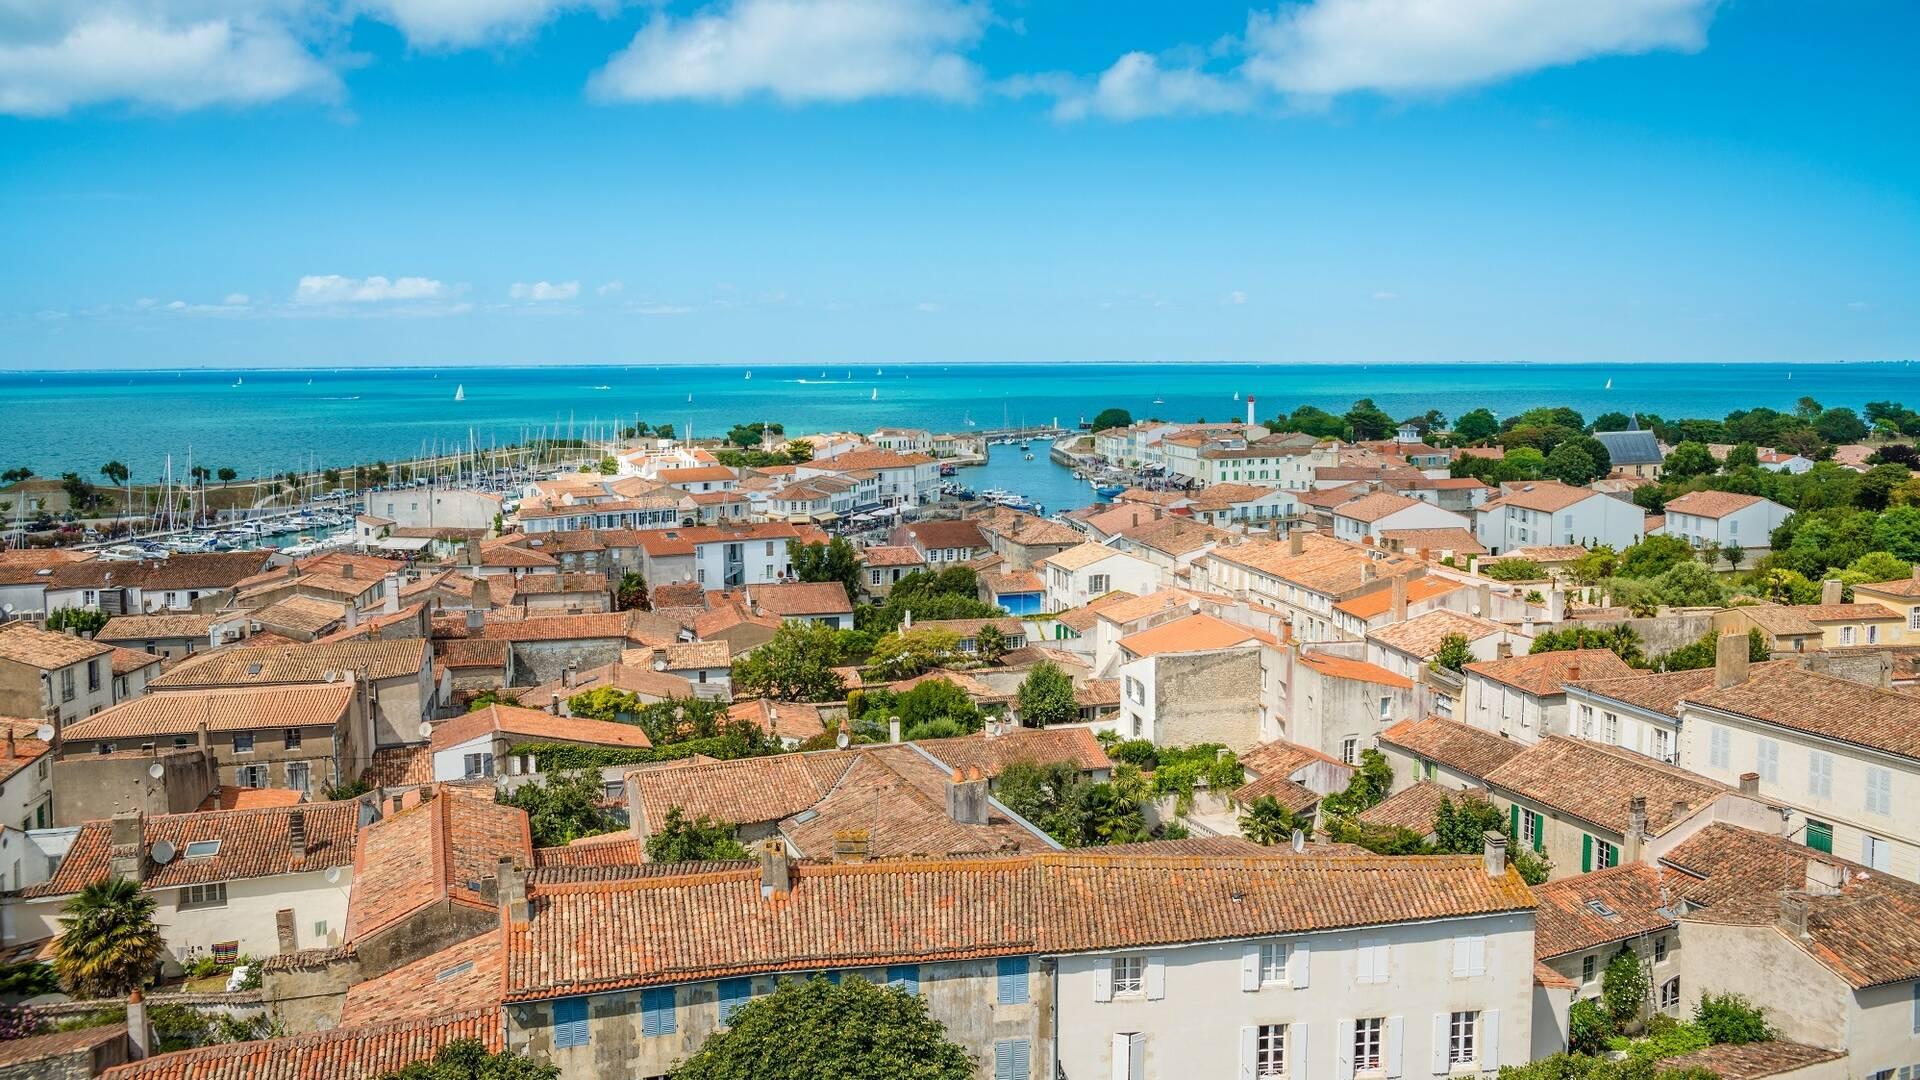 Vue du port de Saint Martin de Ré - ©Shutterstock